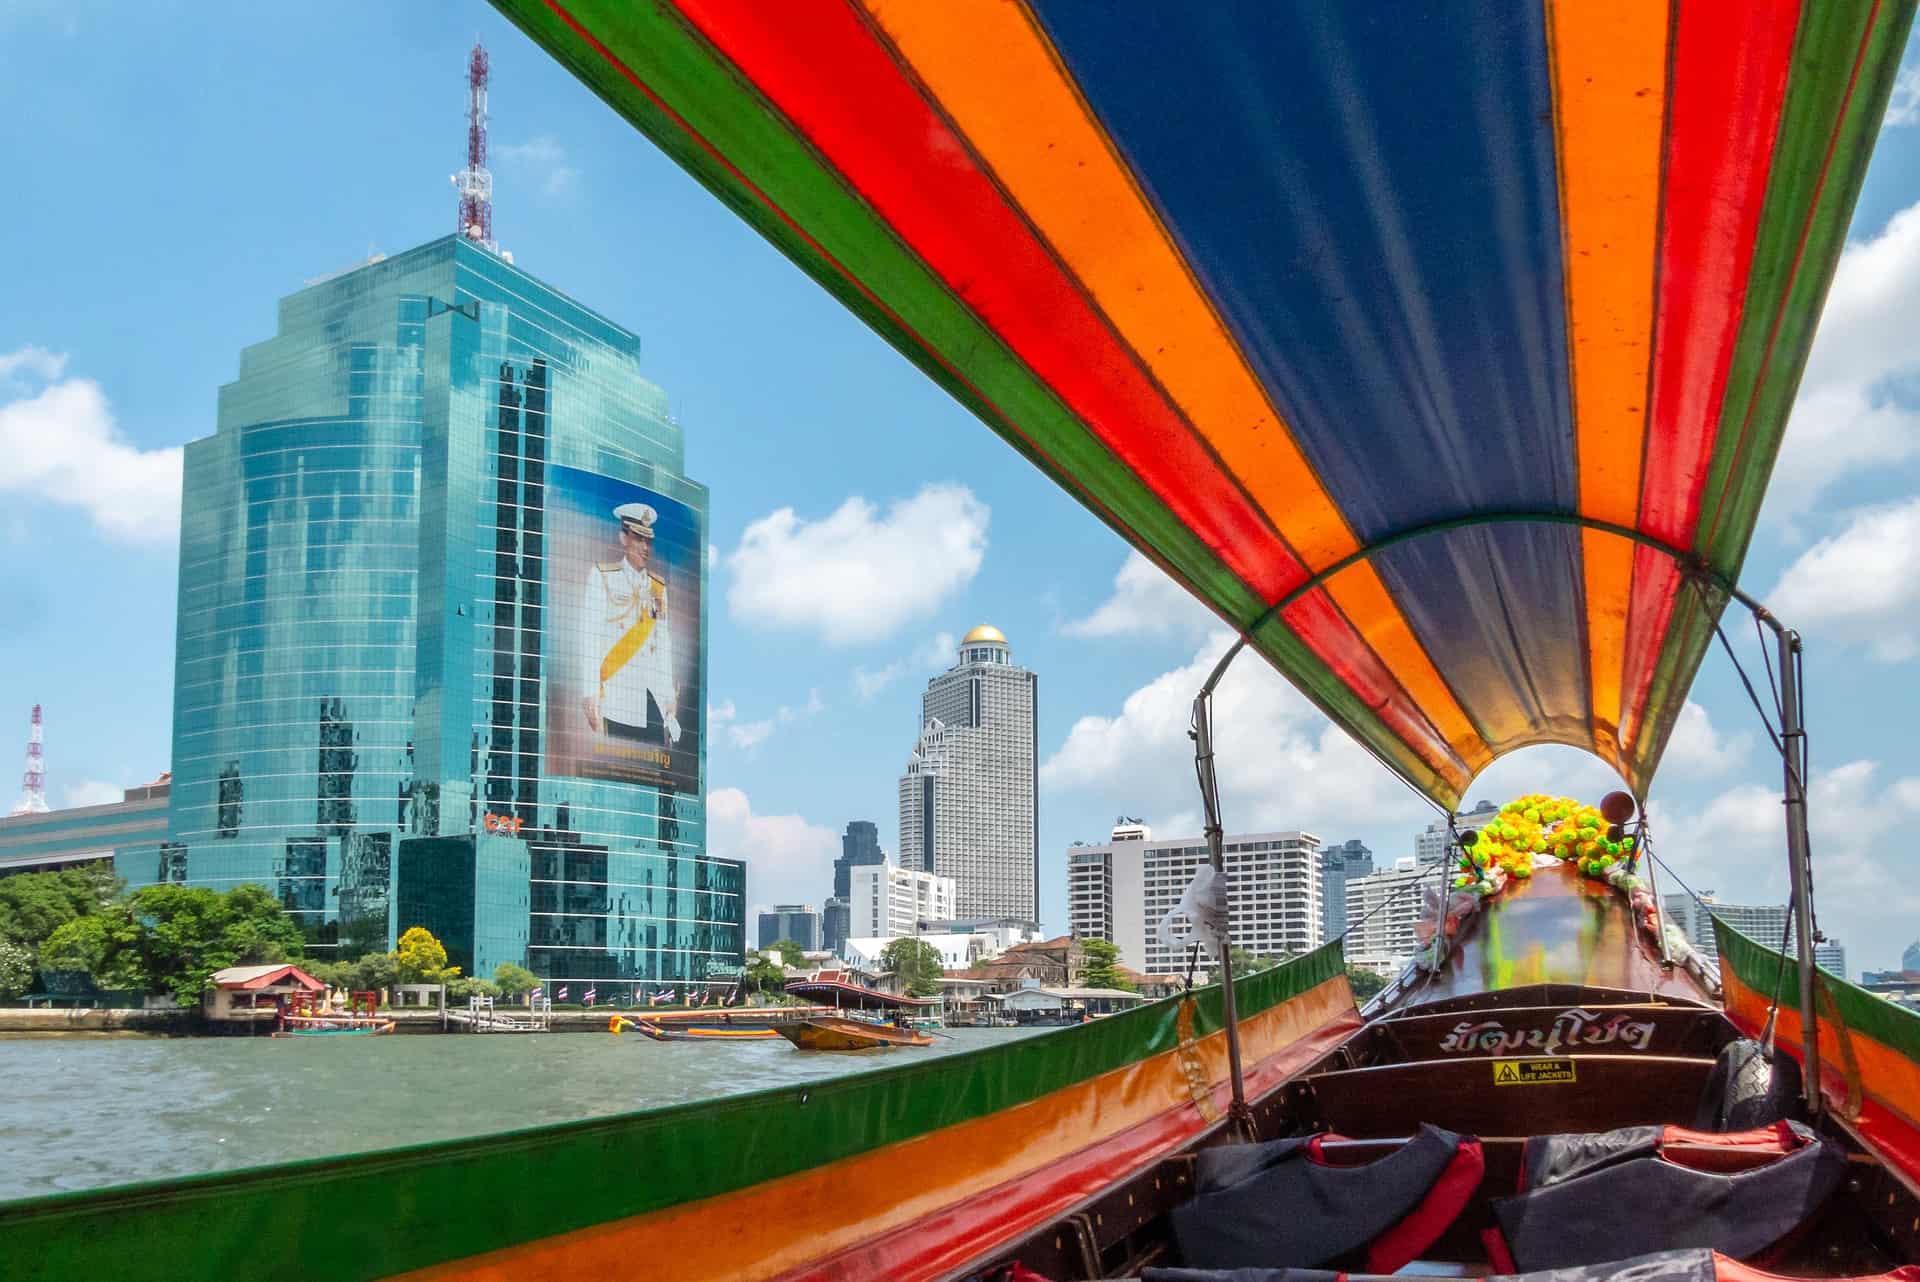 Thailand günstig buchen & in Bangkok aufjedenfalld die Wasserstraßen zum Fortbwegen nutzen